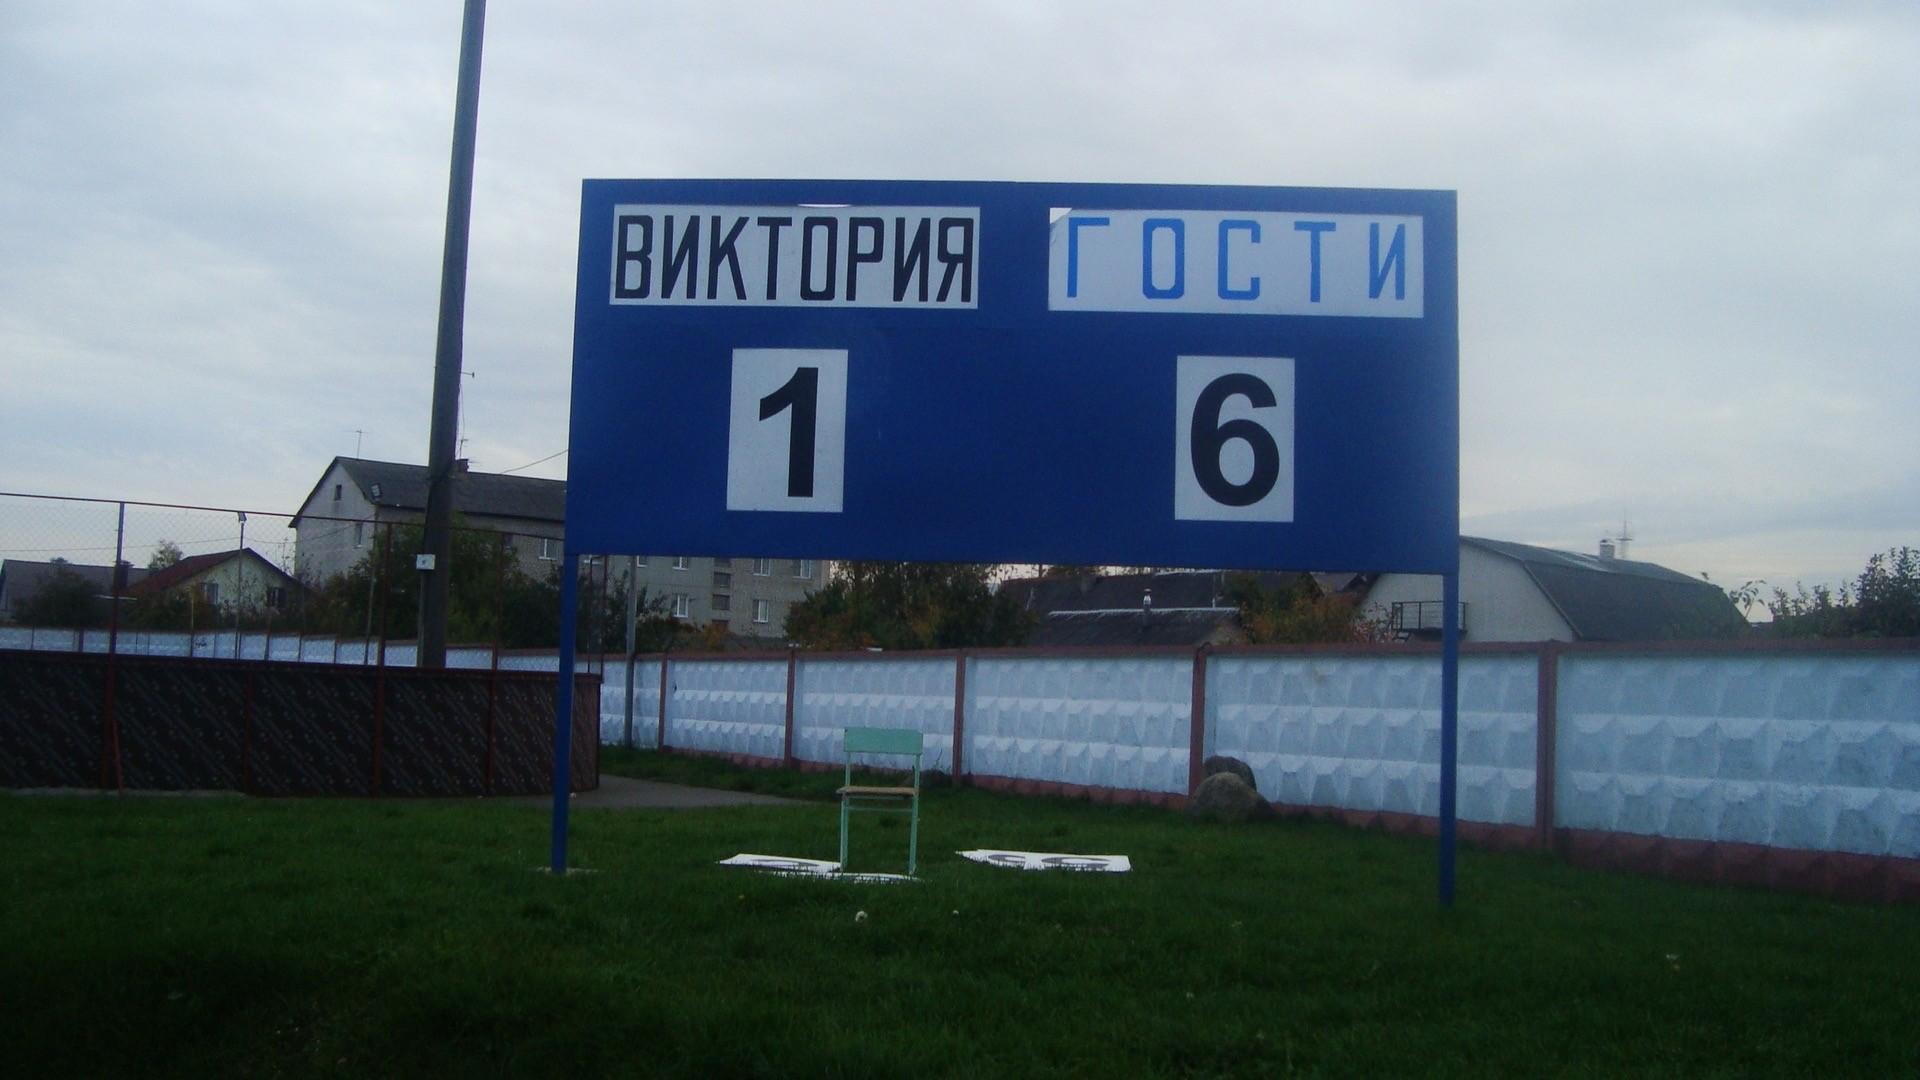 Атмосферная игра и яркая виктория пинчан в глубинке Минской области (фото)